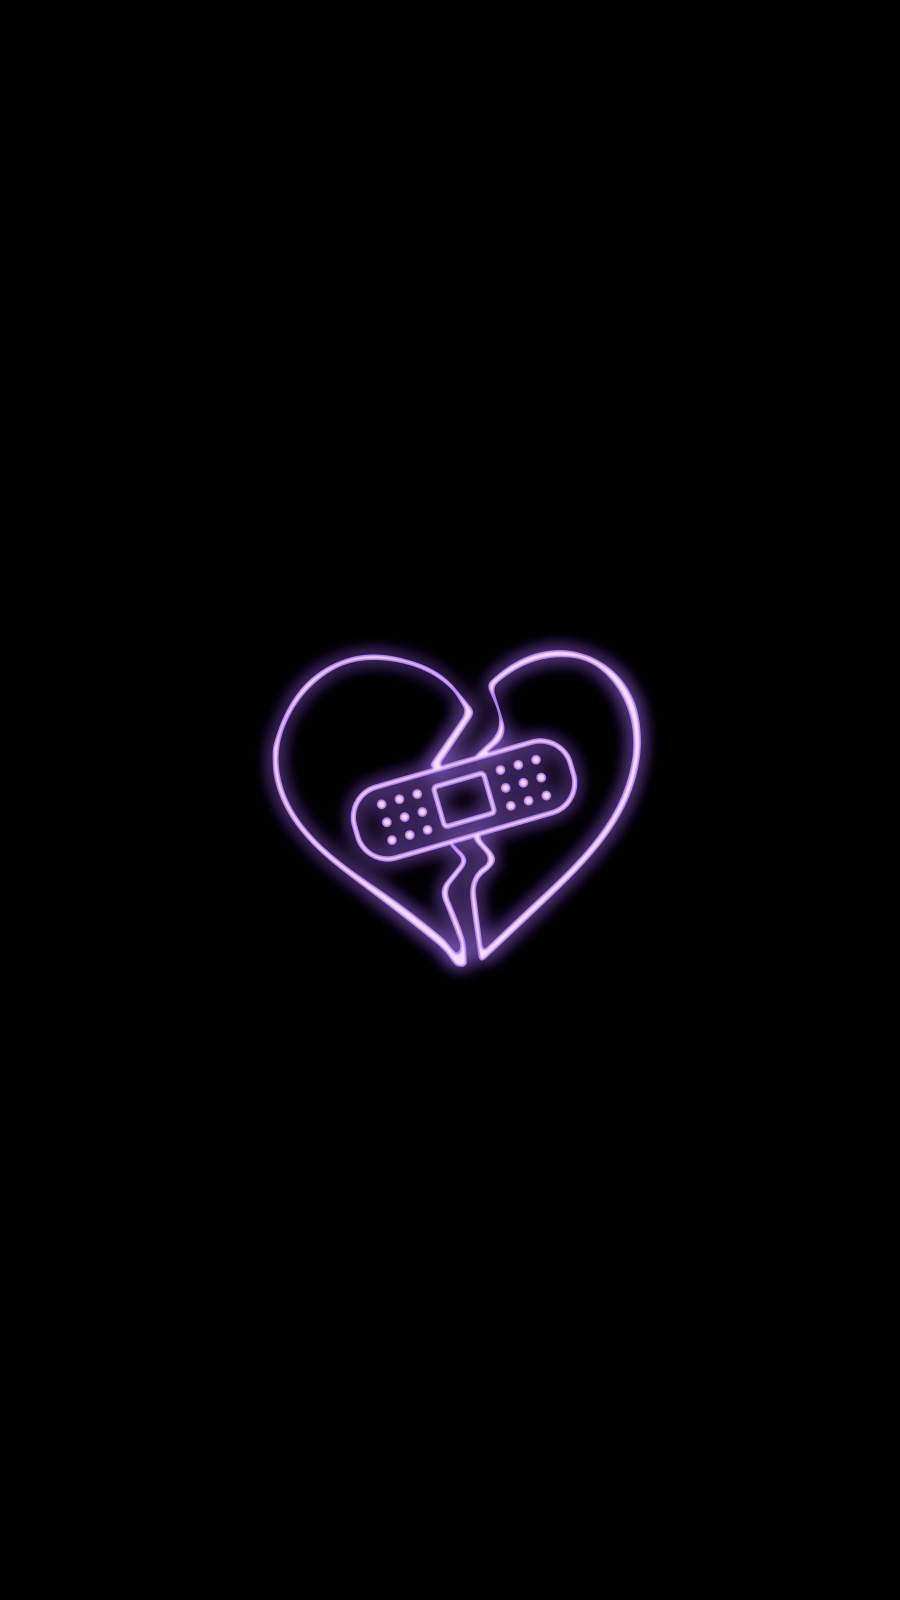 Broken Heart iPhone Wallpaper